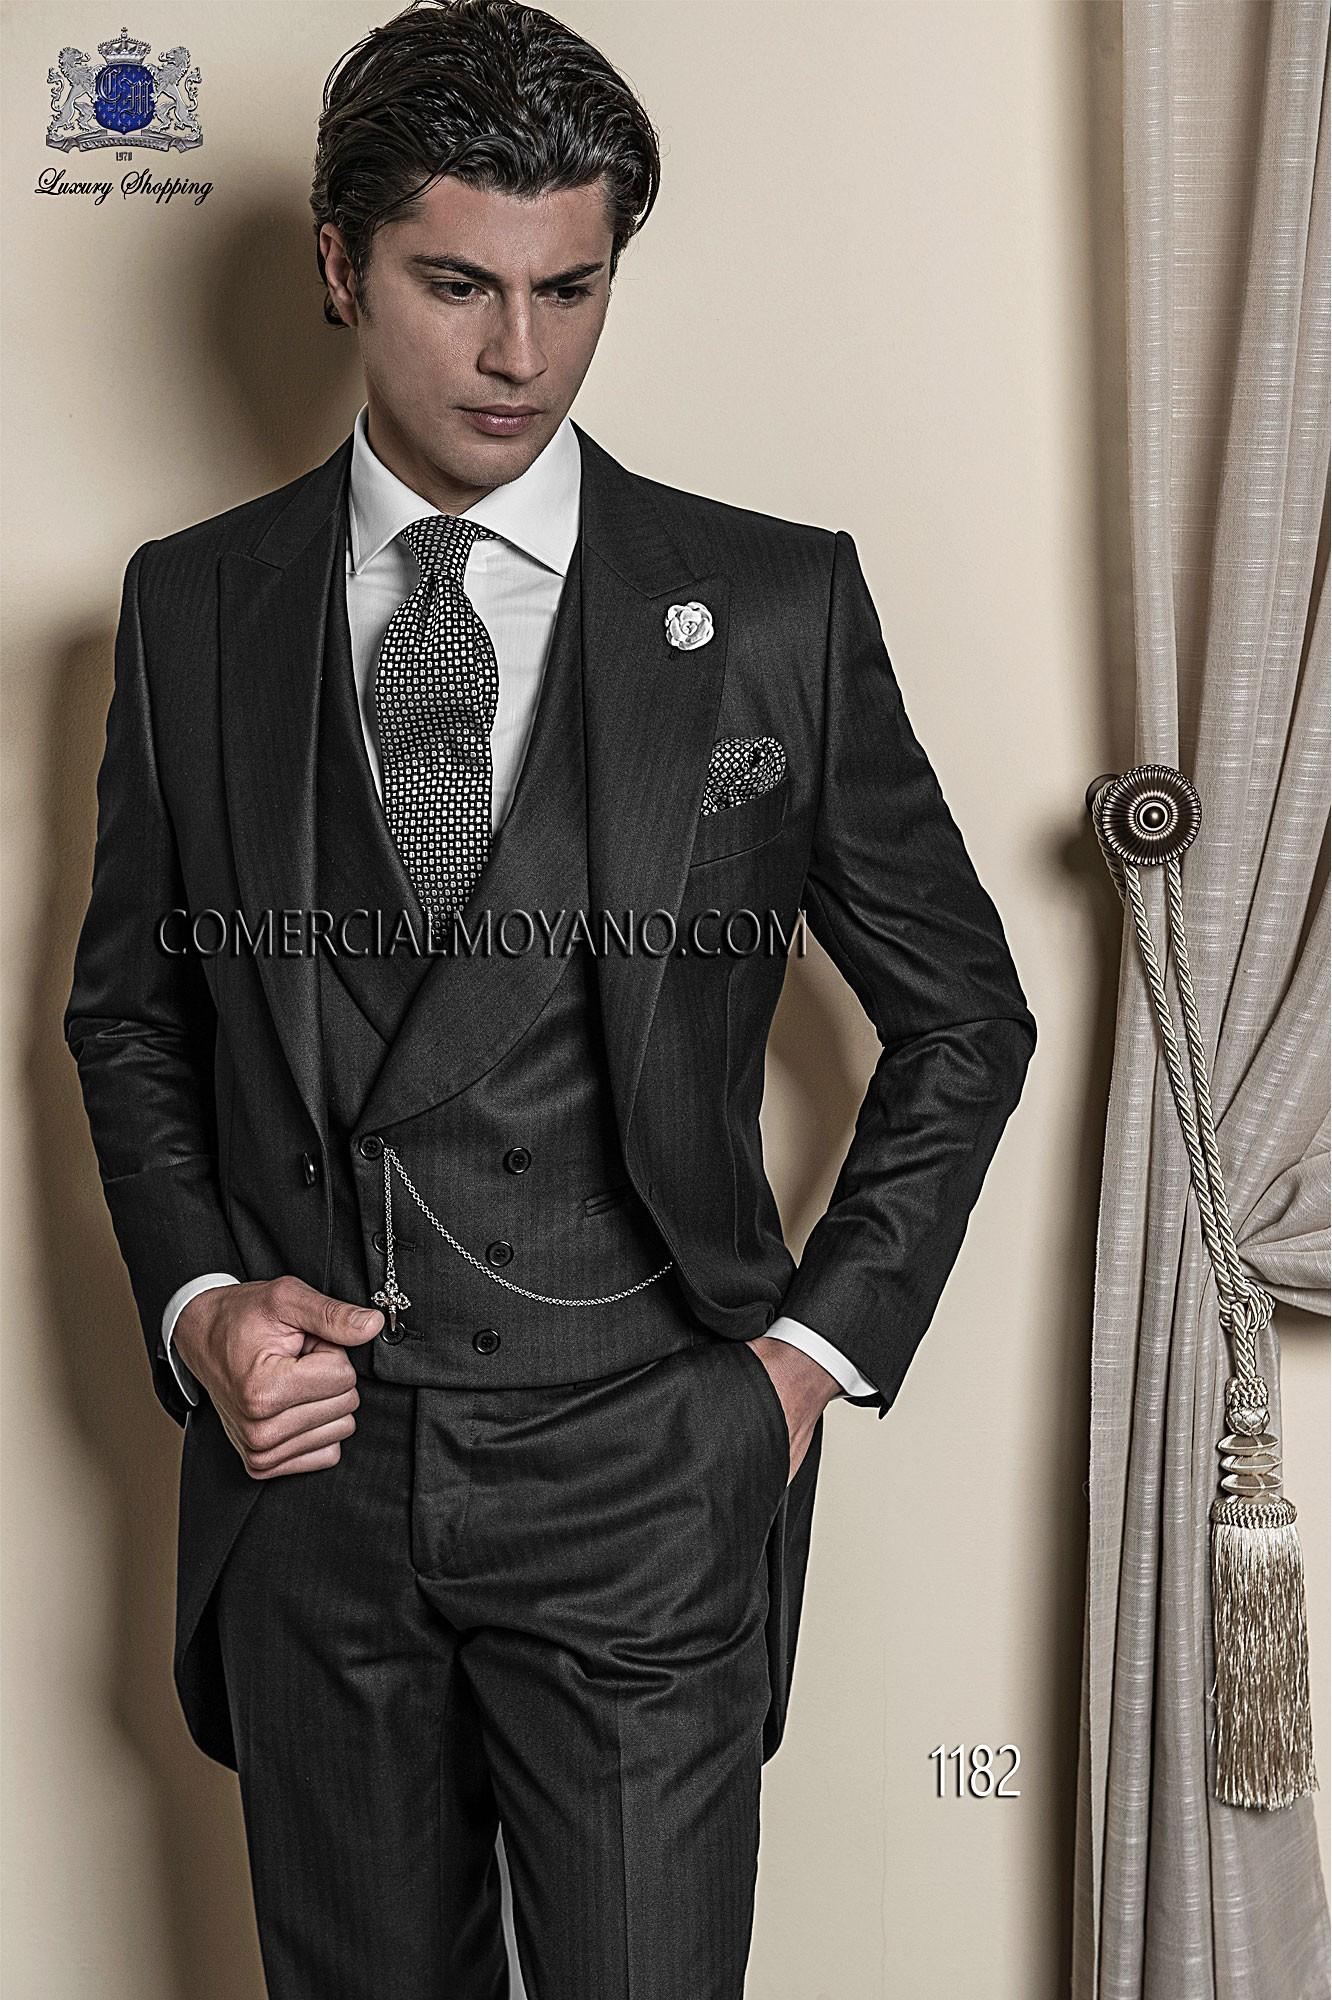 Chaque gris marengo en tejido espiga new performance modelo 1182 Ottavio Nuccio Gala colección Gentleman.